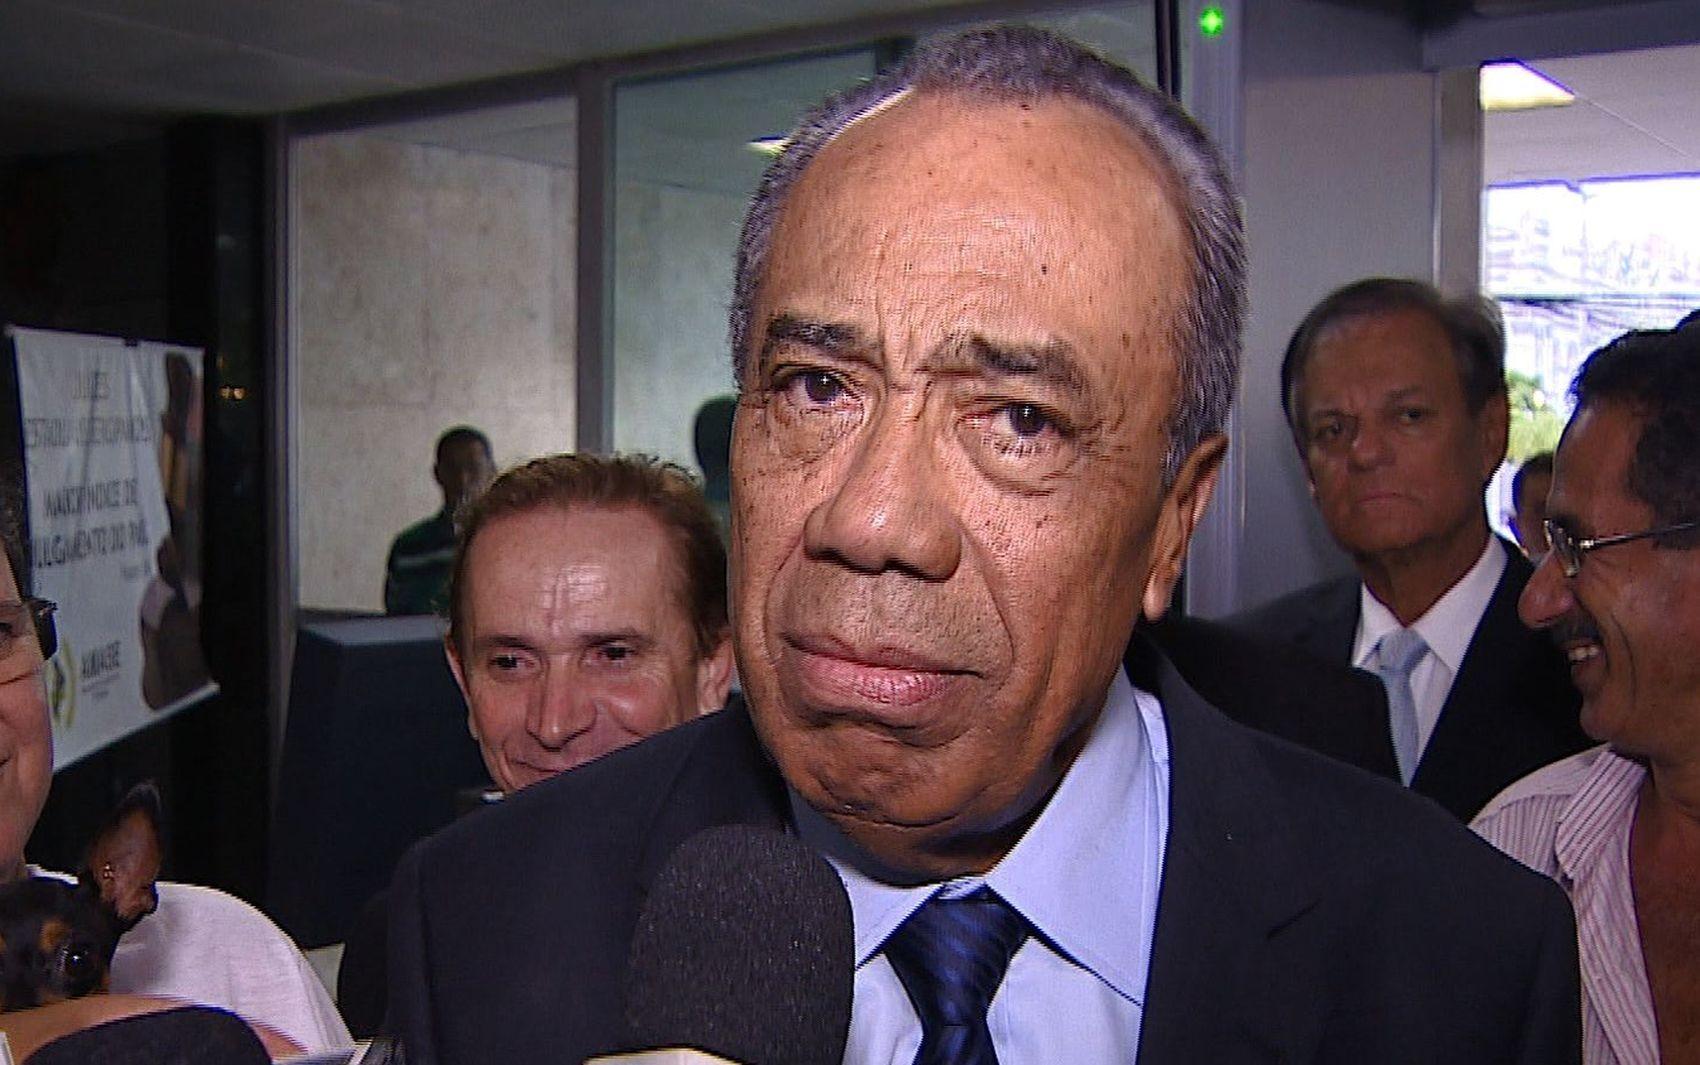 Quadro de saúde do ex-governador João Alves Filho apresenta nova melhora - Notícias - Plantão Diário